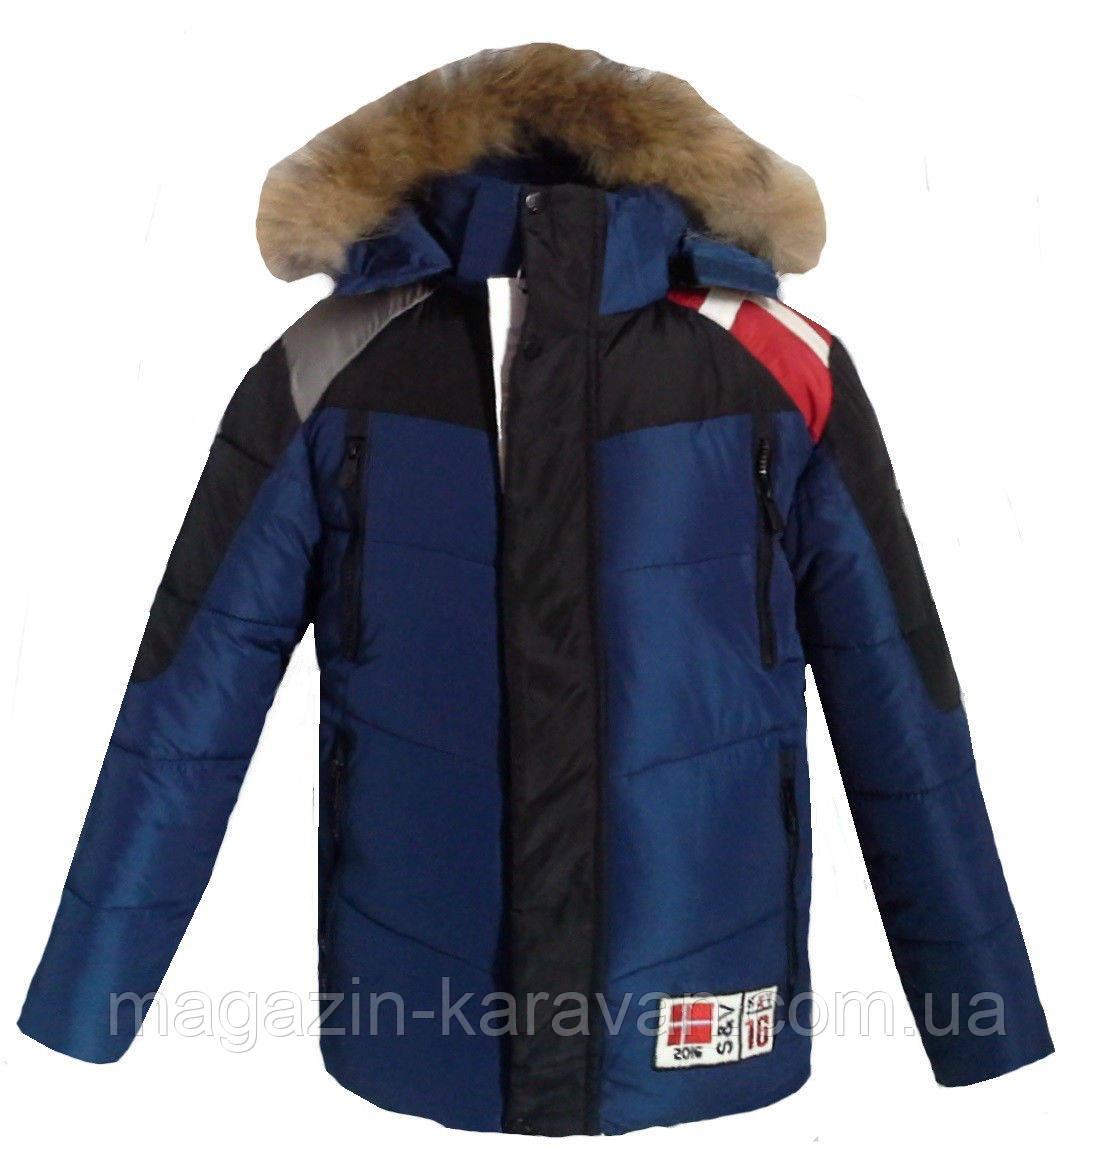 Детская куртка зимняя для мальчика - Интернет-магазин Караван в Харькове